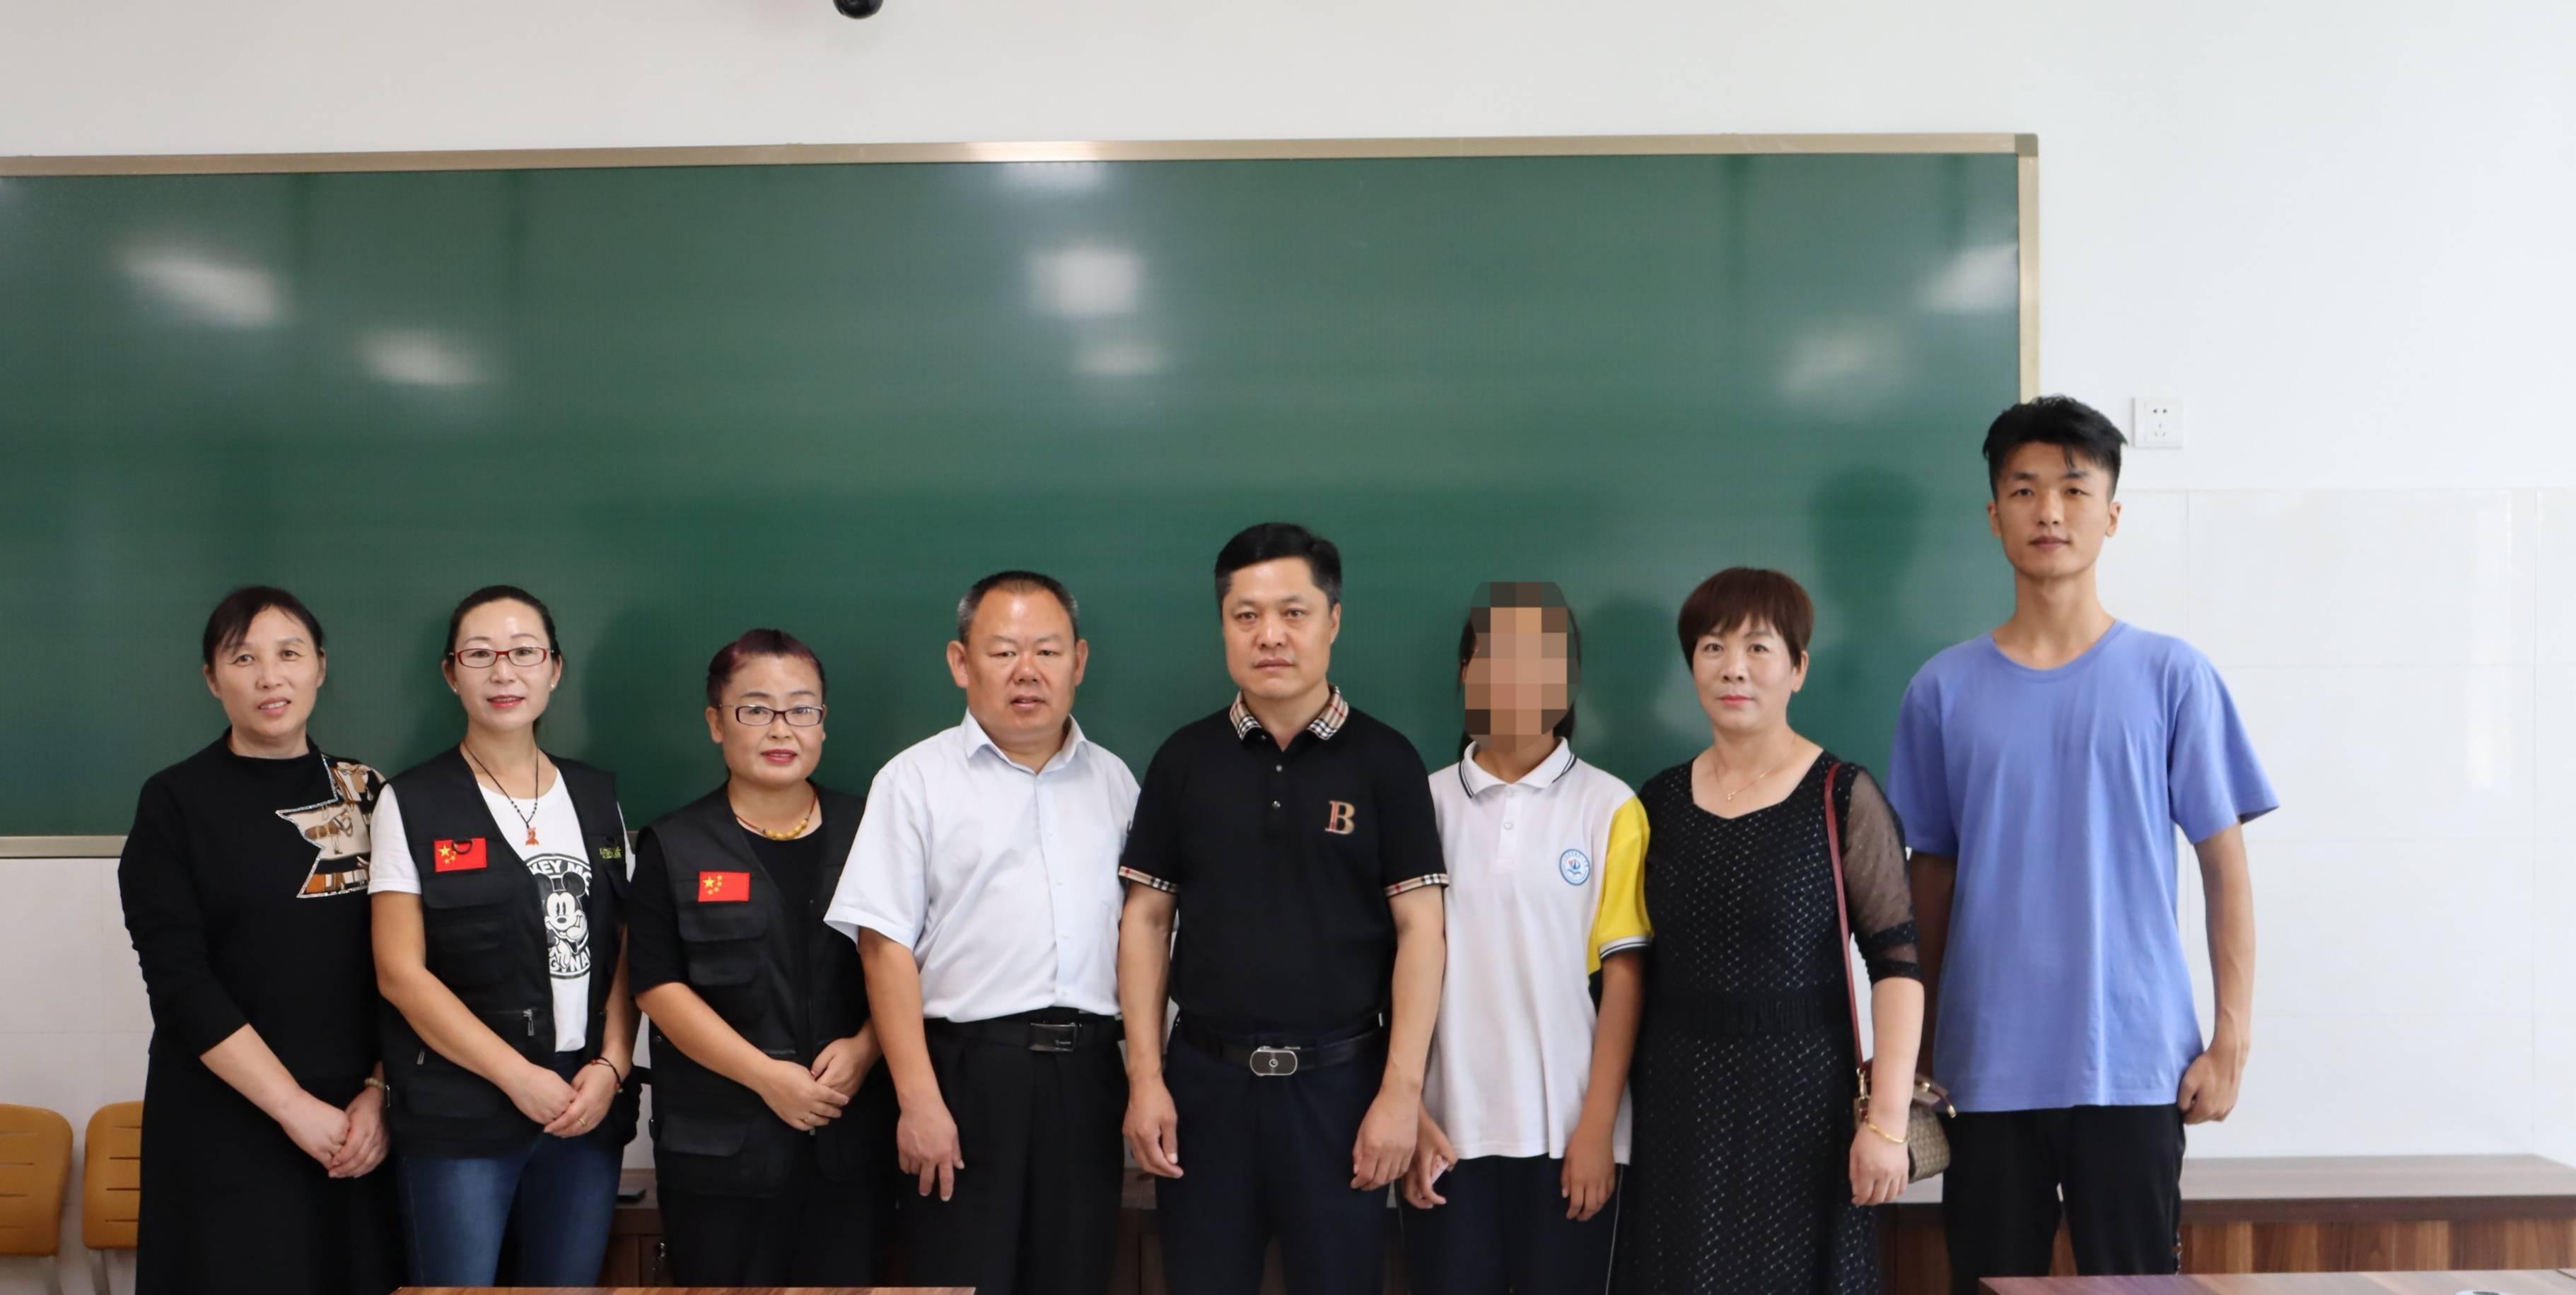 中国公益在线莒县工作站携手爱心人士走进二中为特困学子送爱心